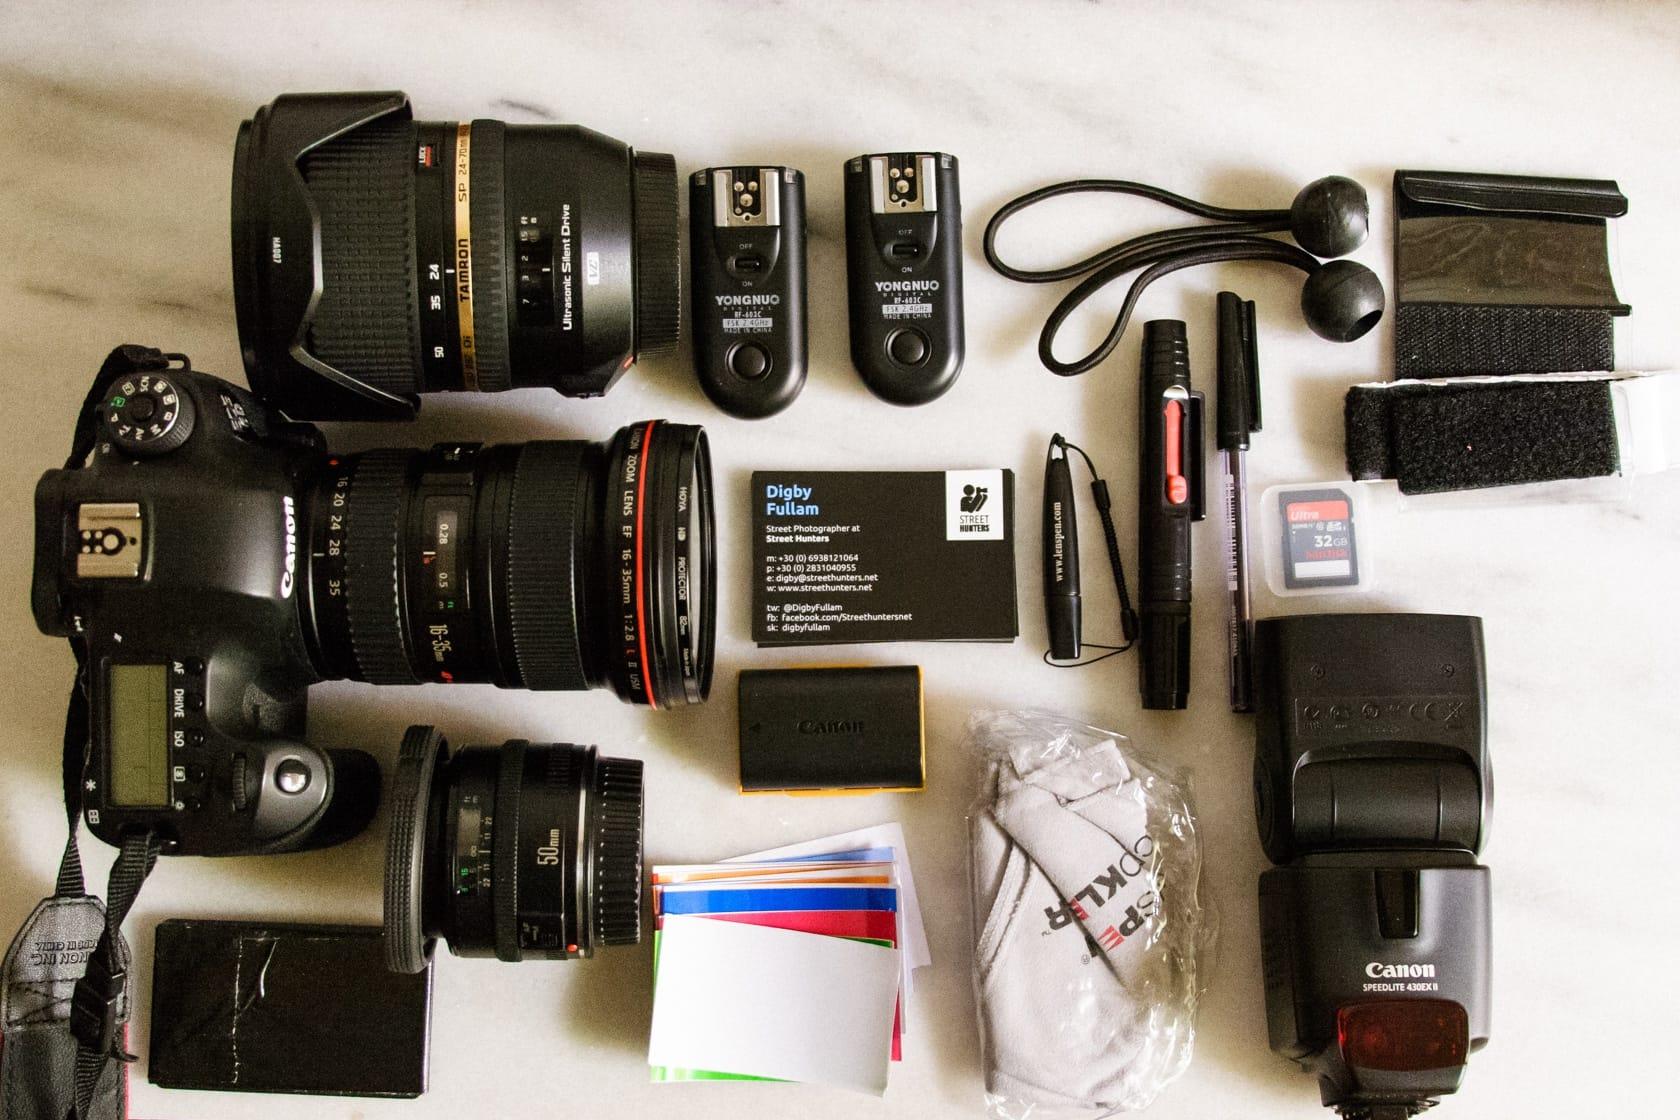 Digby Fullam's Camera Bag